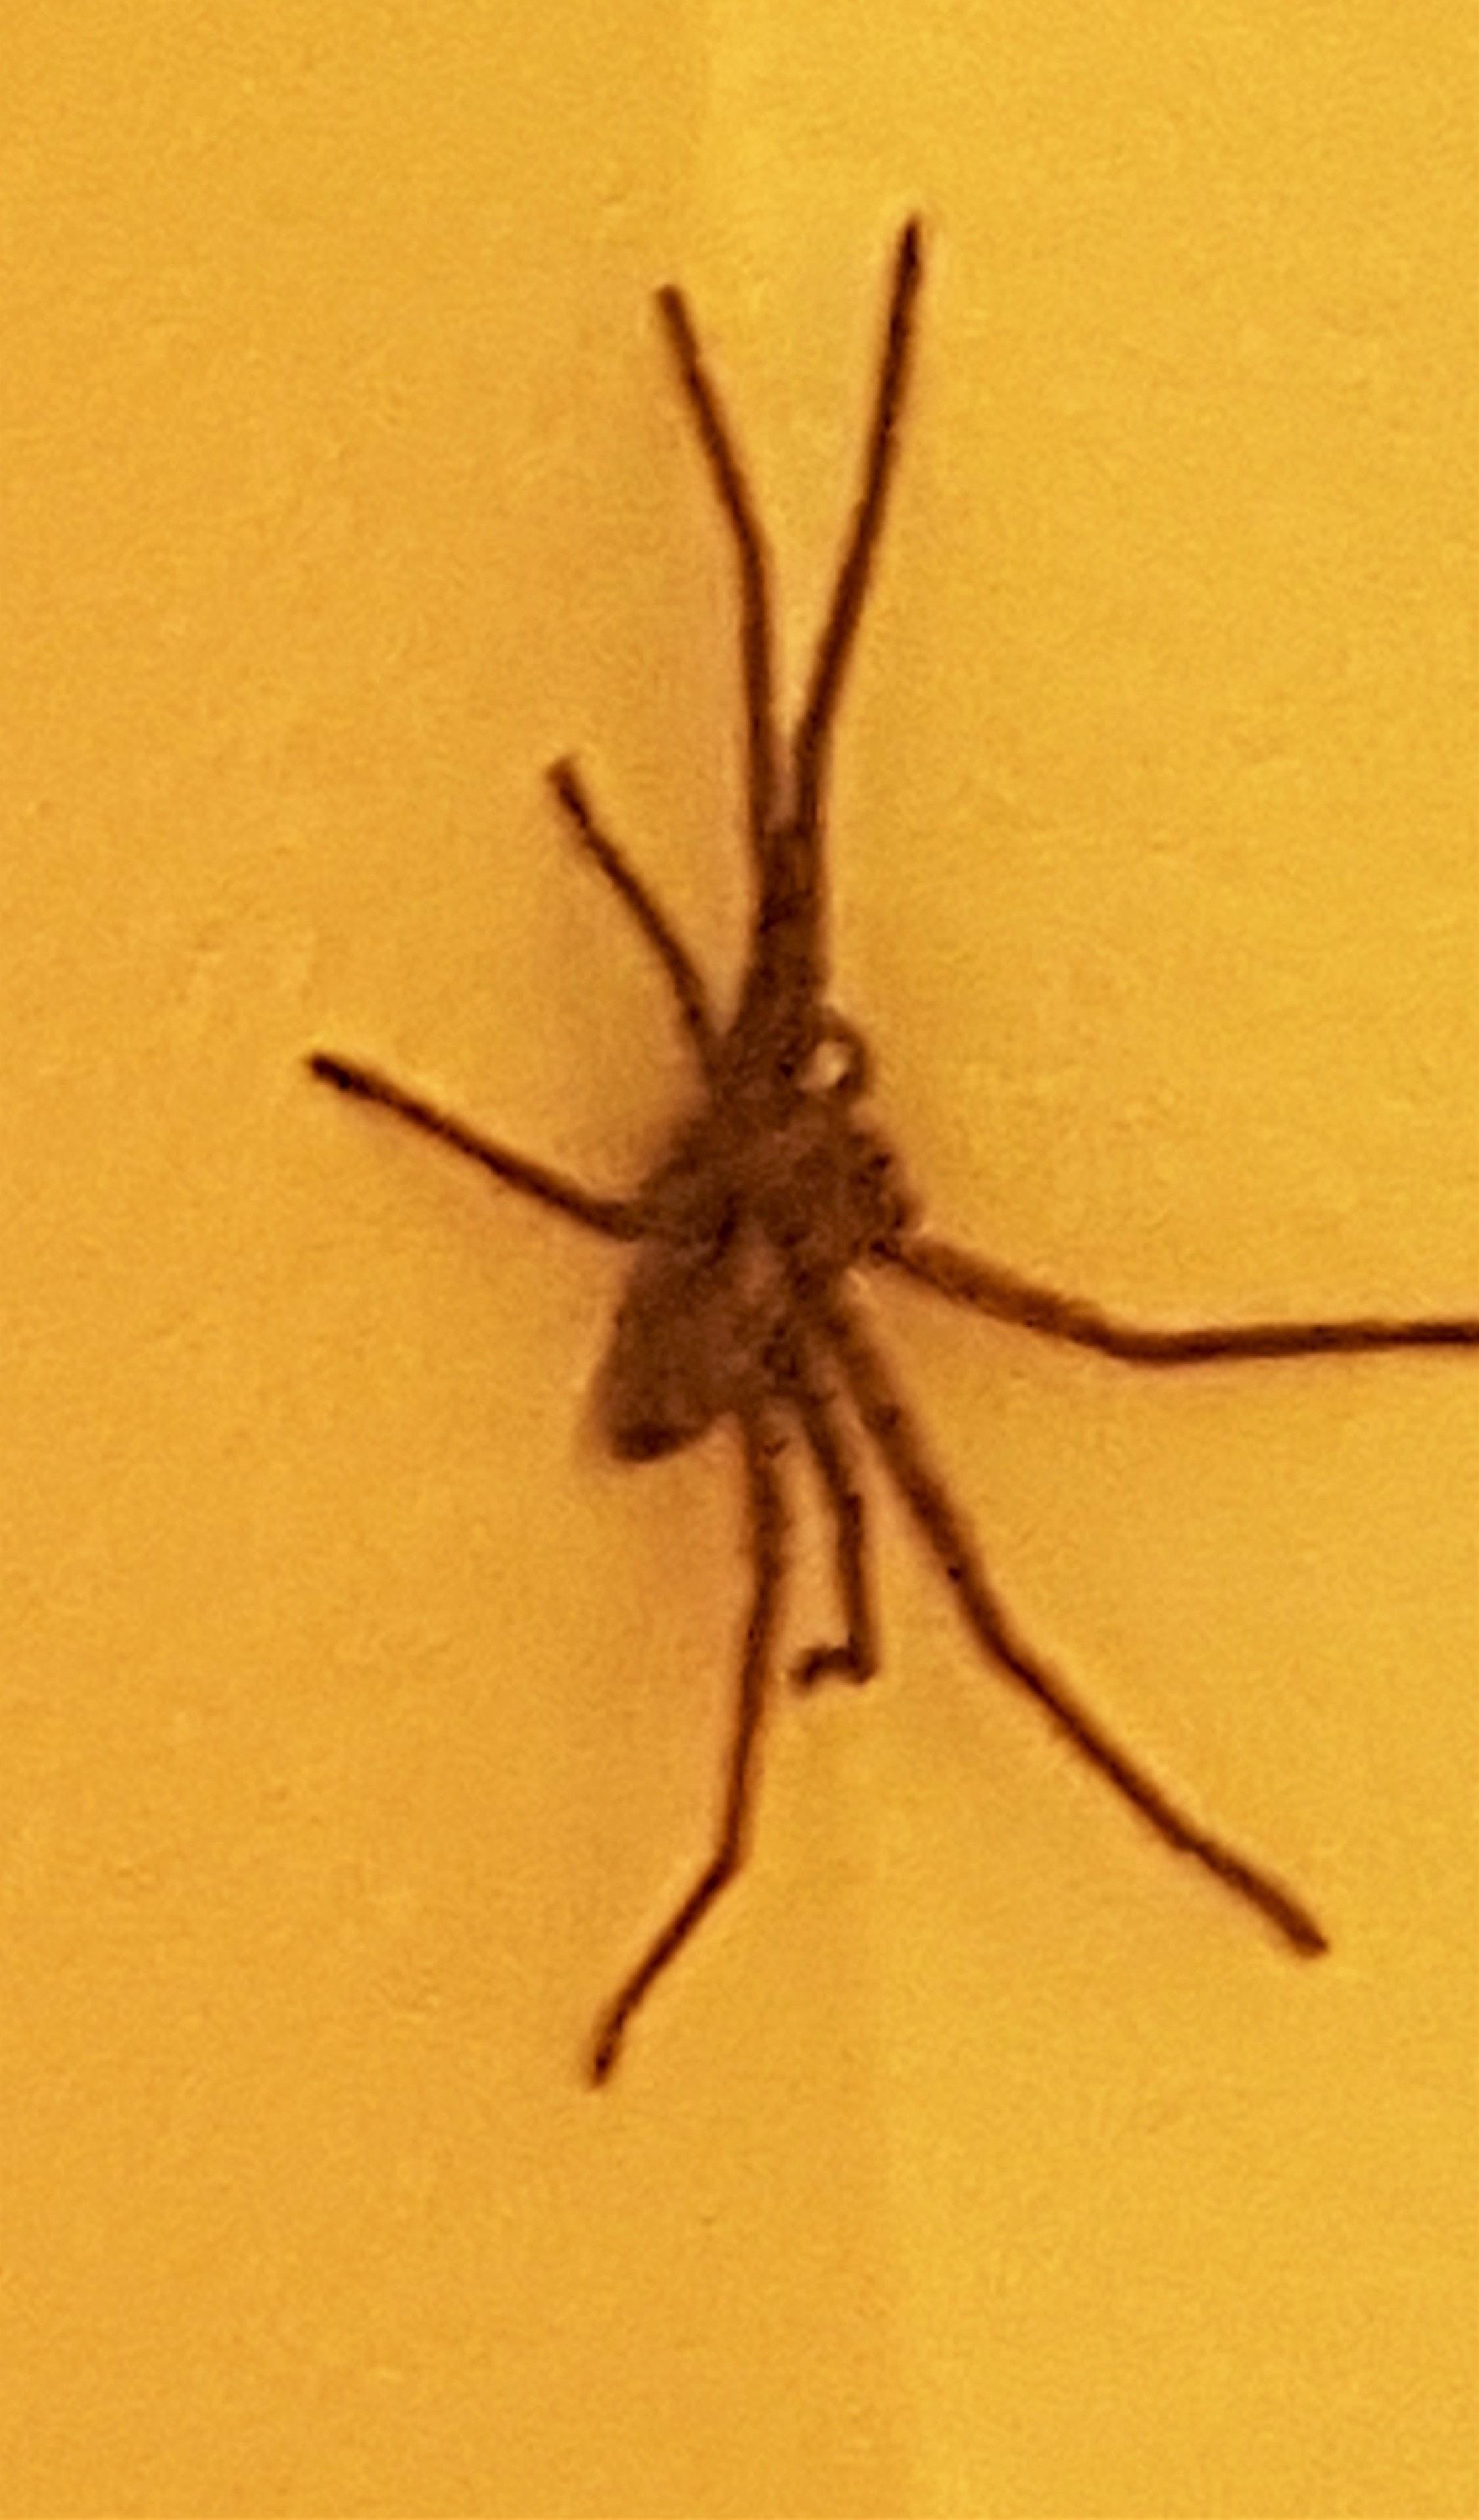 Picture of Heteropoda venatoria (Huntsman Spider) - Dorsal